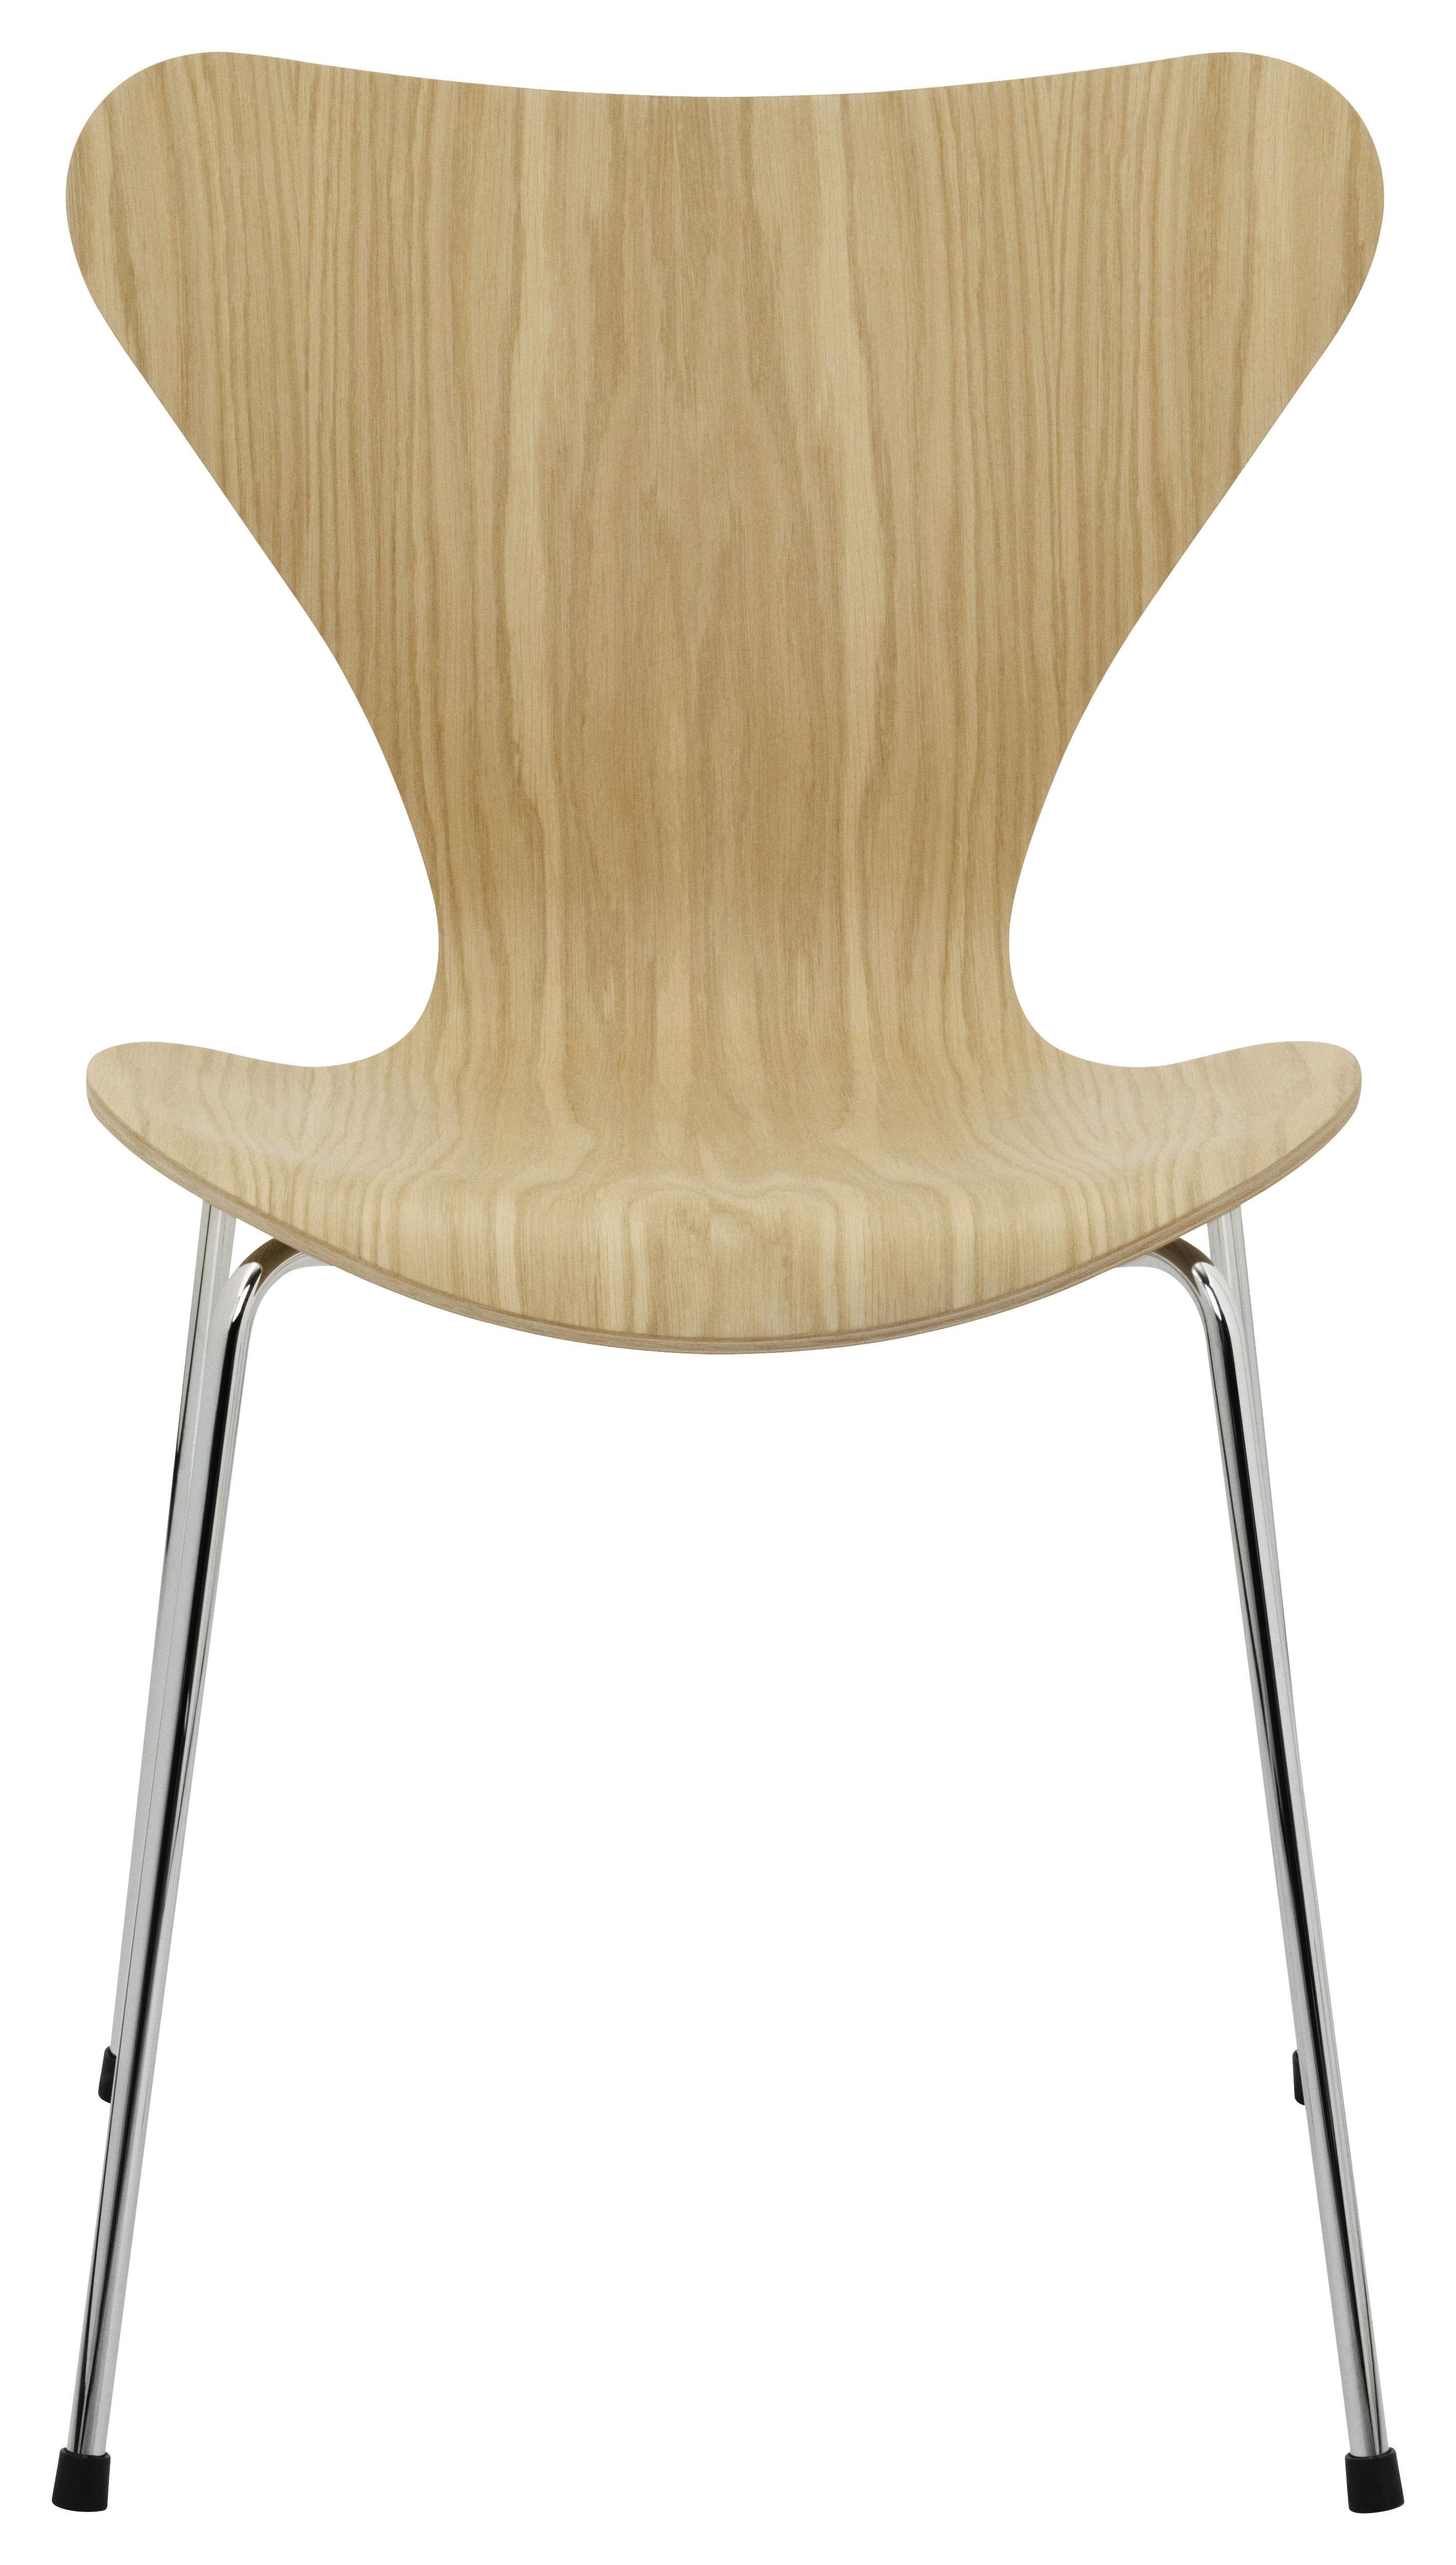 Möbel - Stühle  - Série 7 Stapelbarer Stuhl Holz natur - Fritz Hansen - Eiche - klarlackbeschichtetes Eichenholzfurnier, Stahl